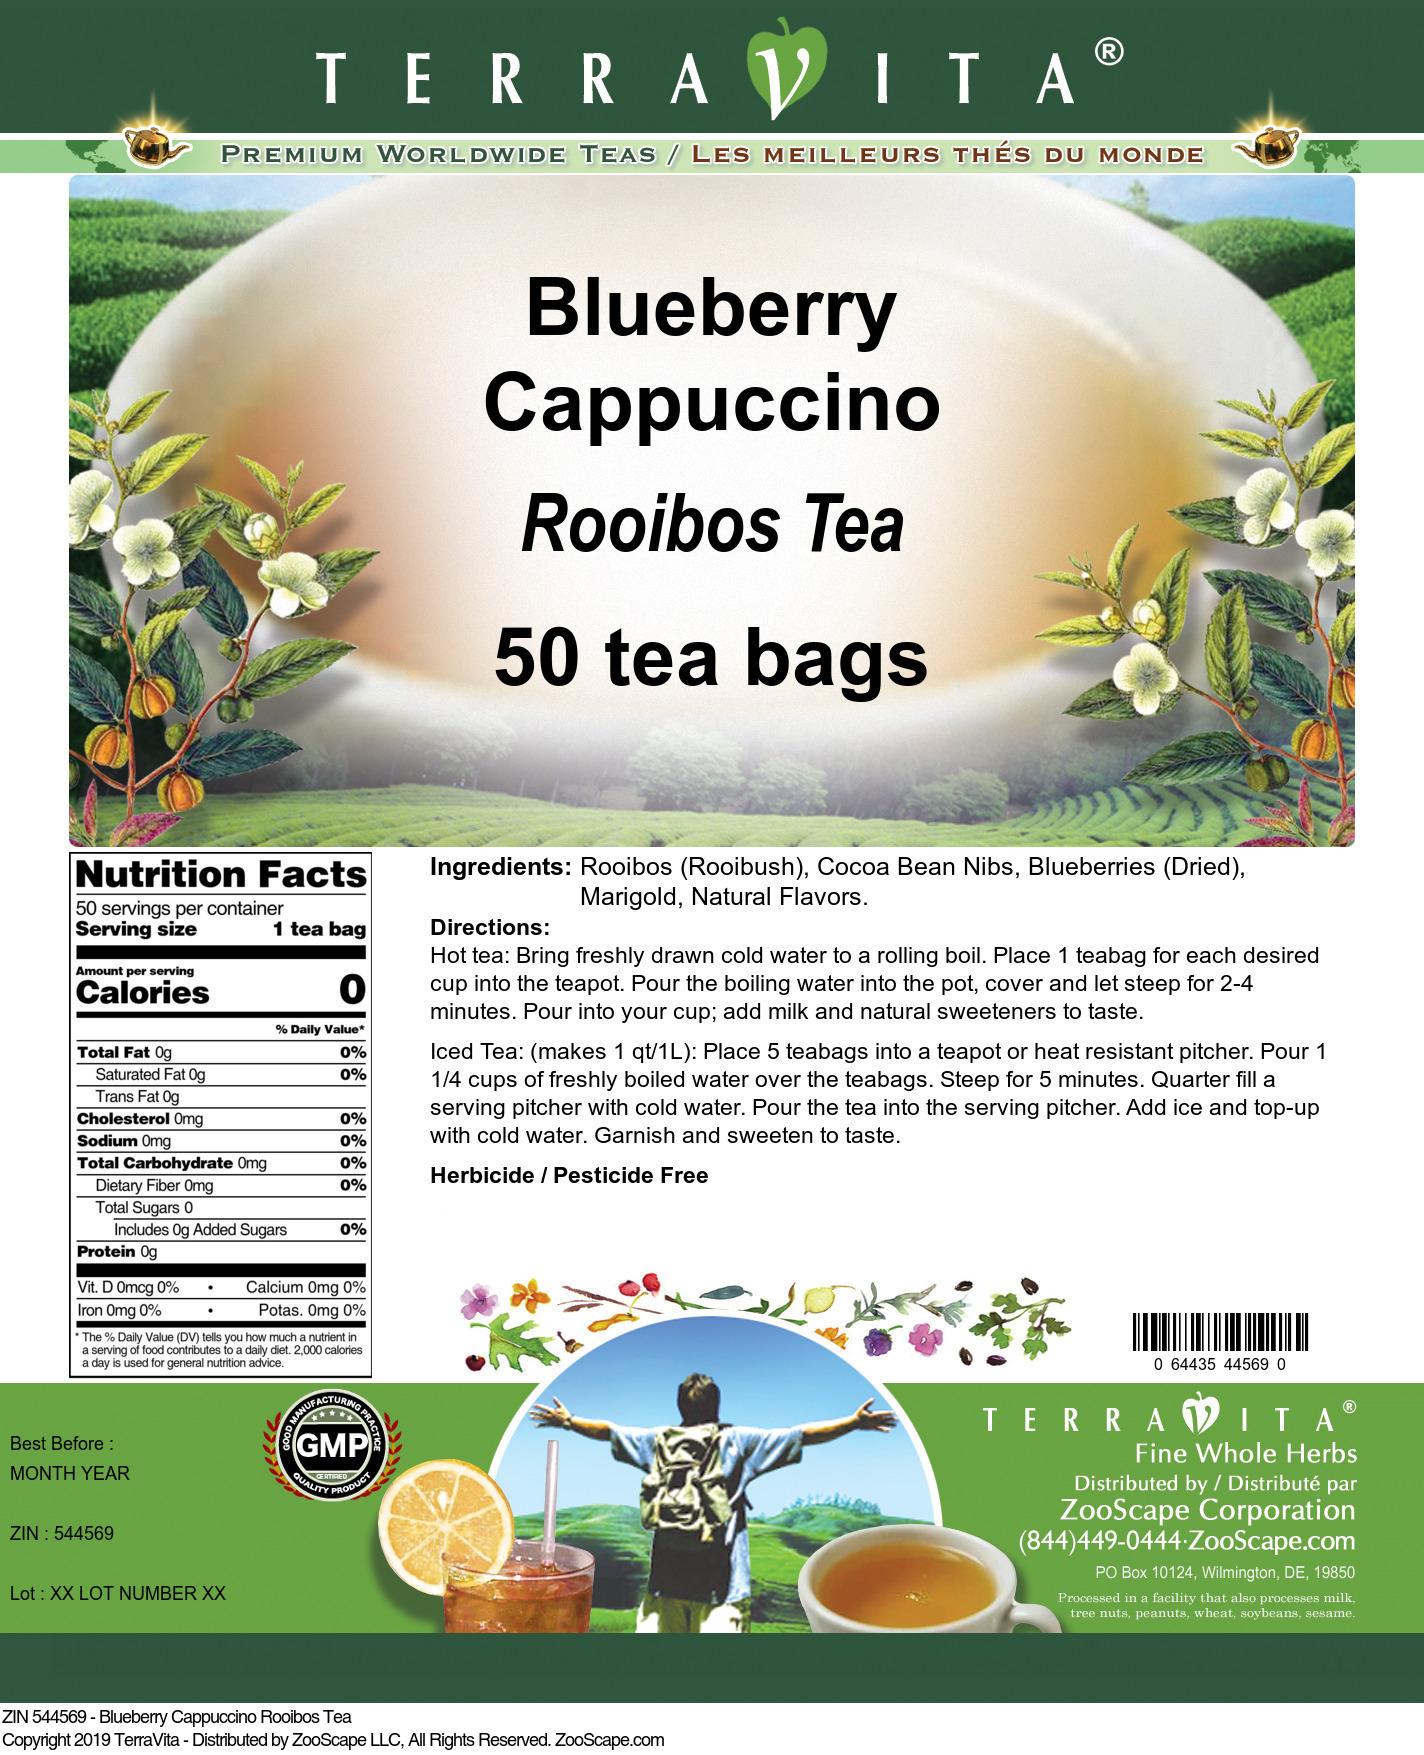 Blueberry Cappuccino Rooibos Tea